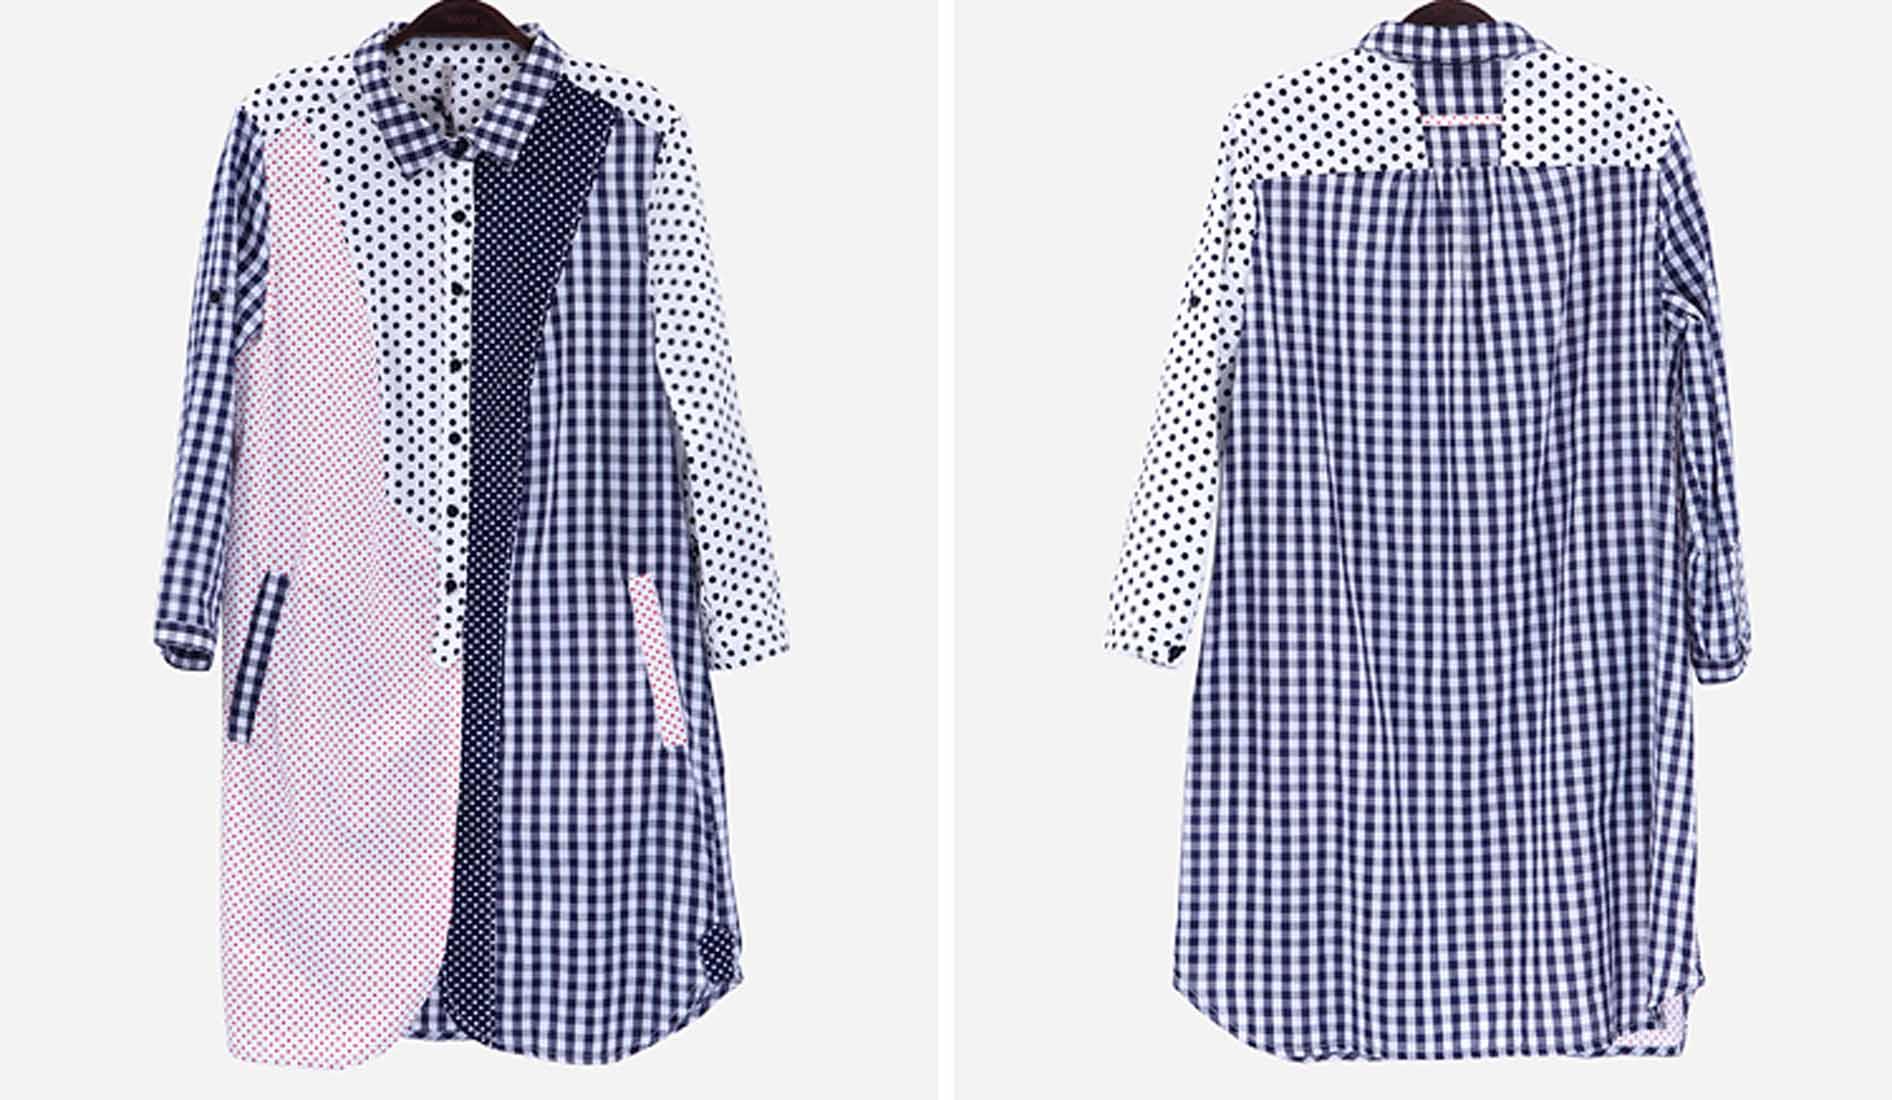 เสื้อเชิ้ตตัวยาว แฟชั่นเกาหลีลายสก๊อตตารางแต่งลายจุดใหม่สุดอินเทรนด์ นำเข้า ไซส์L - พร้อมส่งTJ7481 ราคา1350บาท